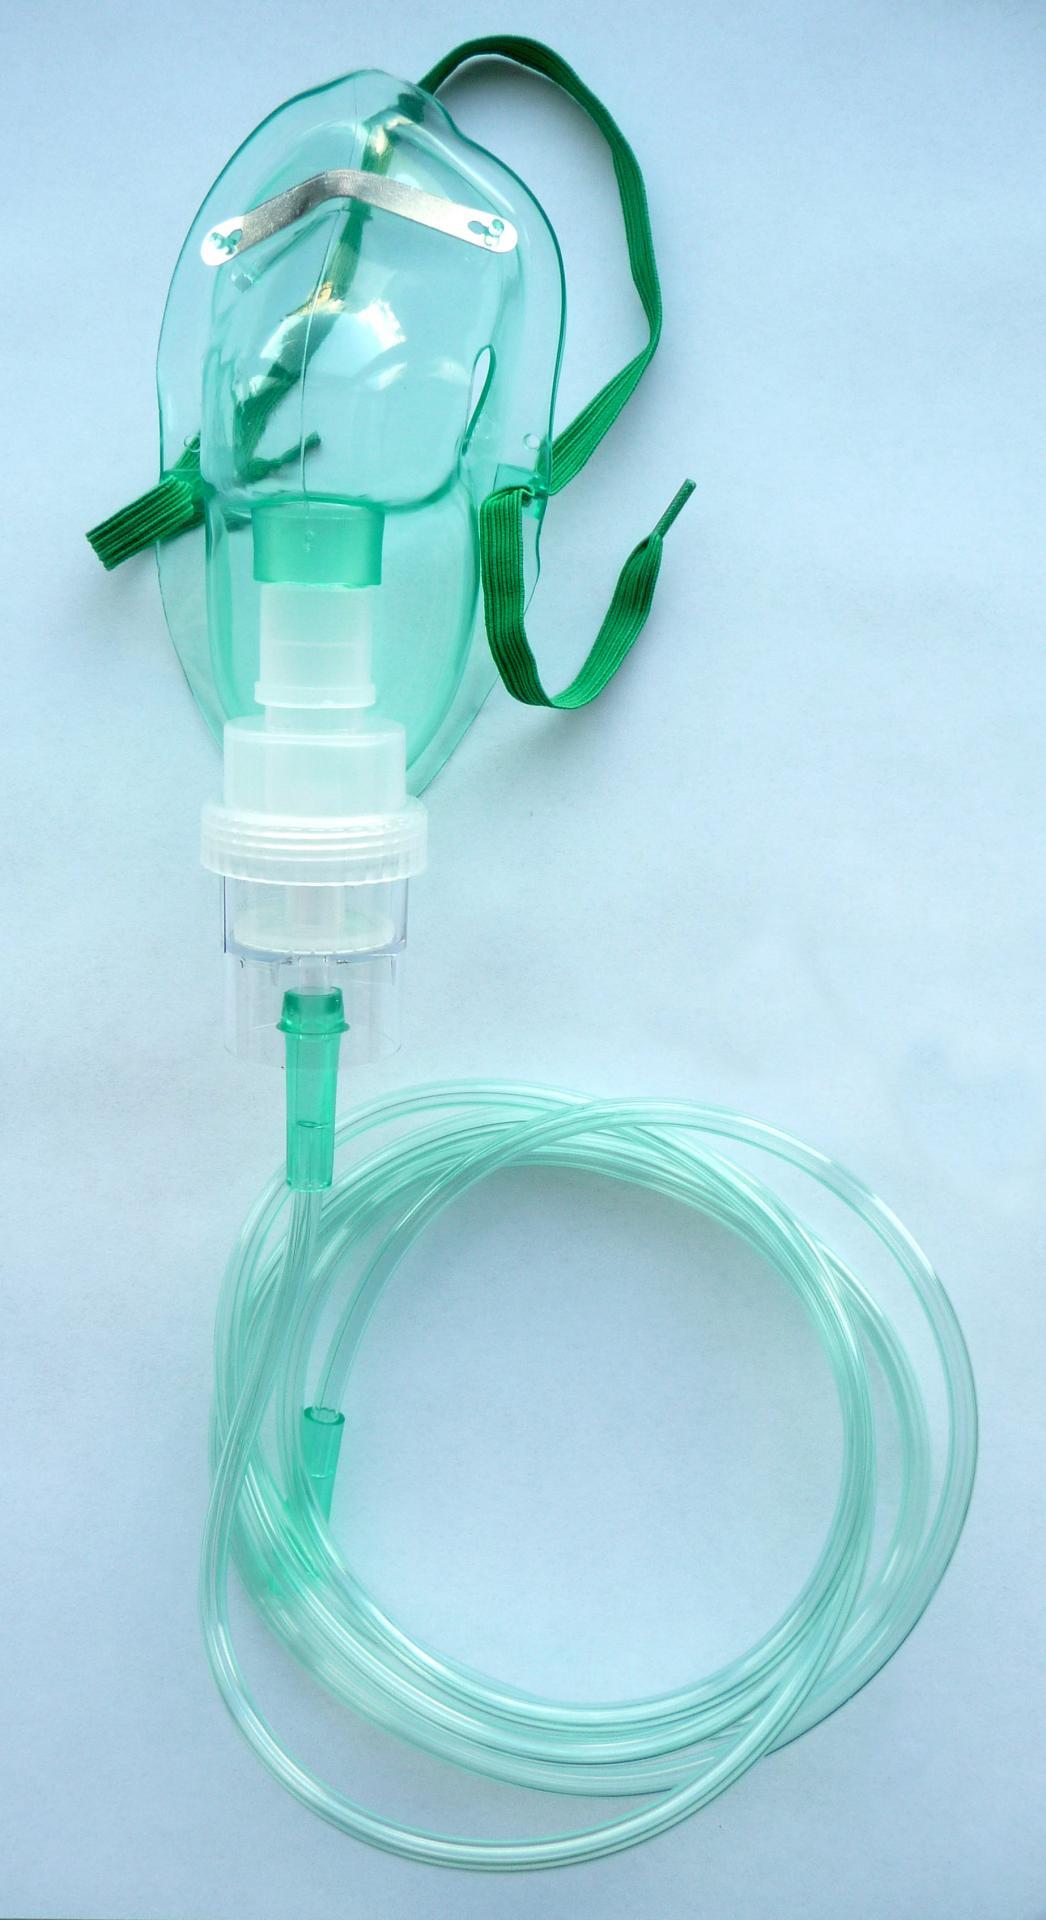 Mascarilla de Oxígeno con Nebulizador Pediátrico (Caja 100 ud).